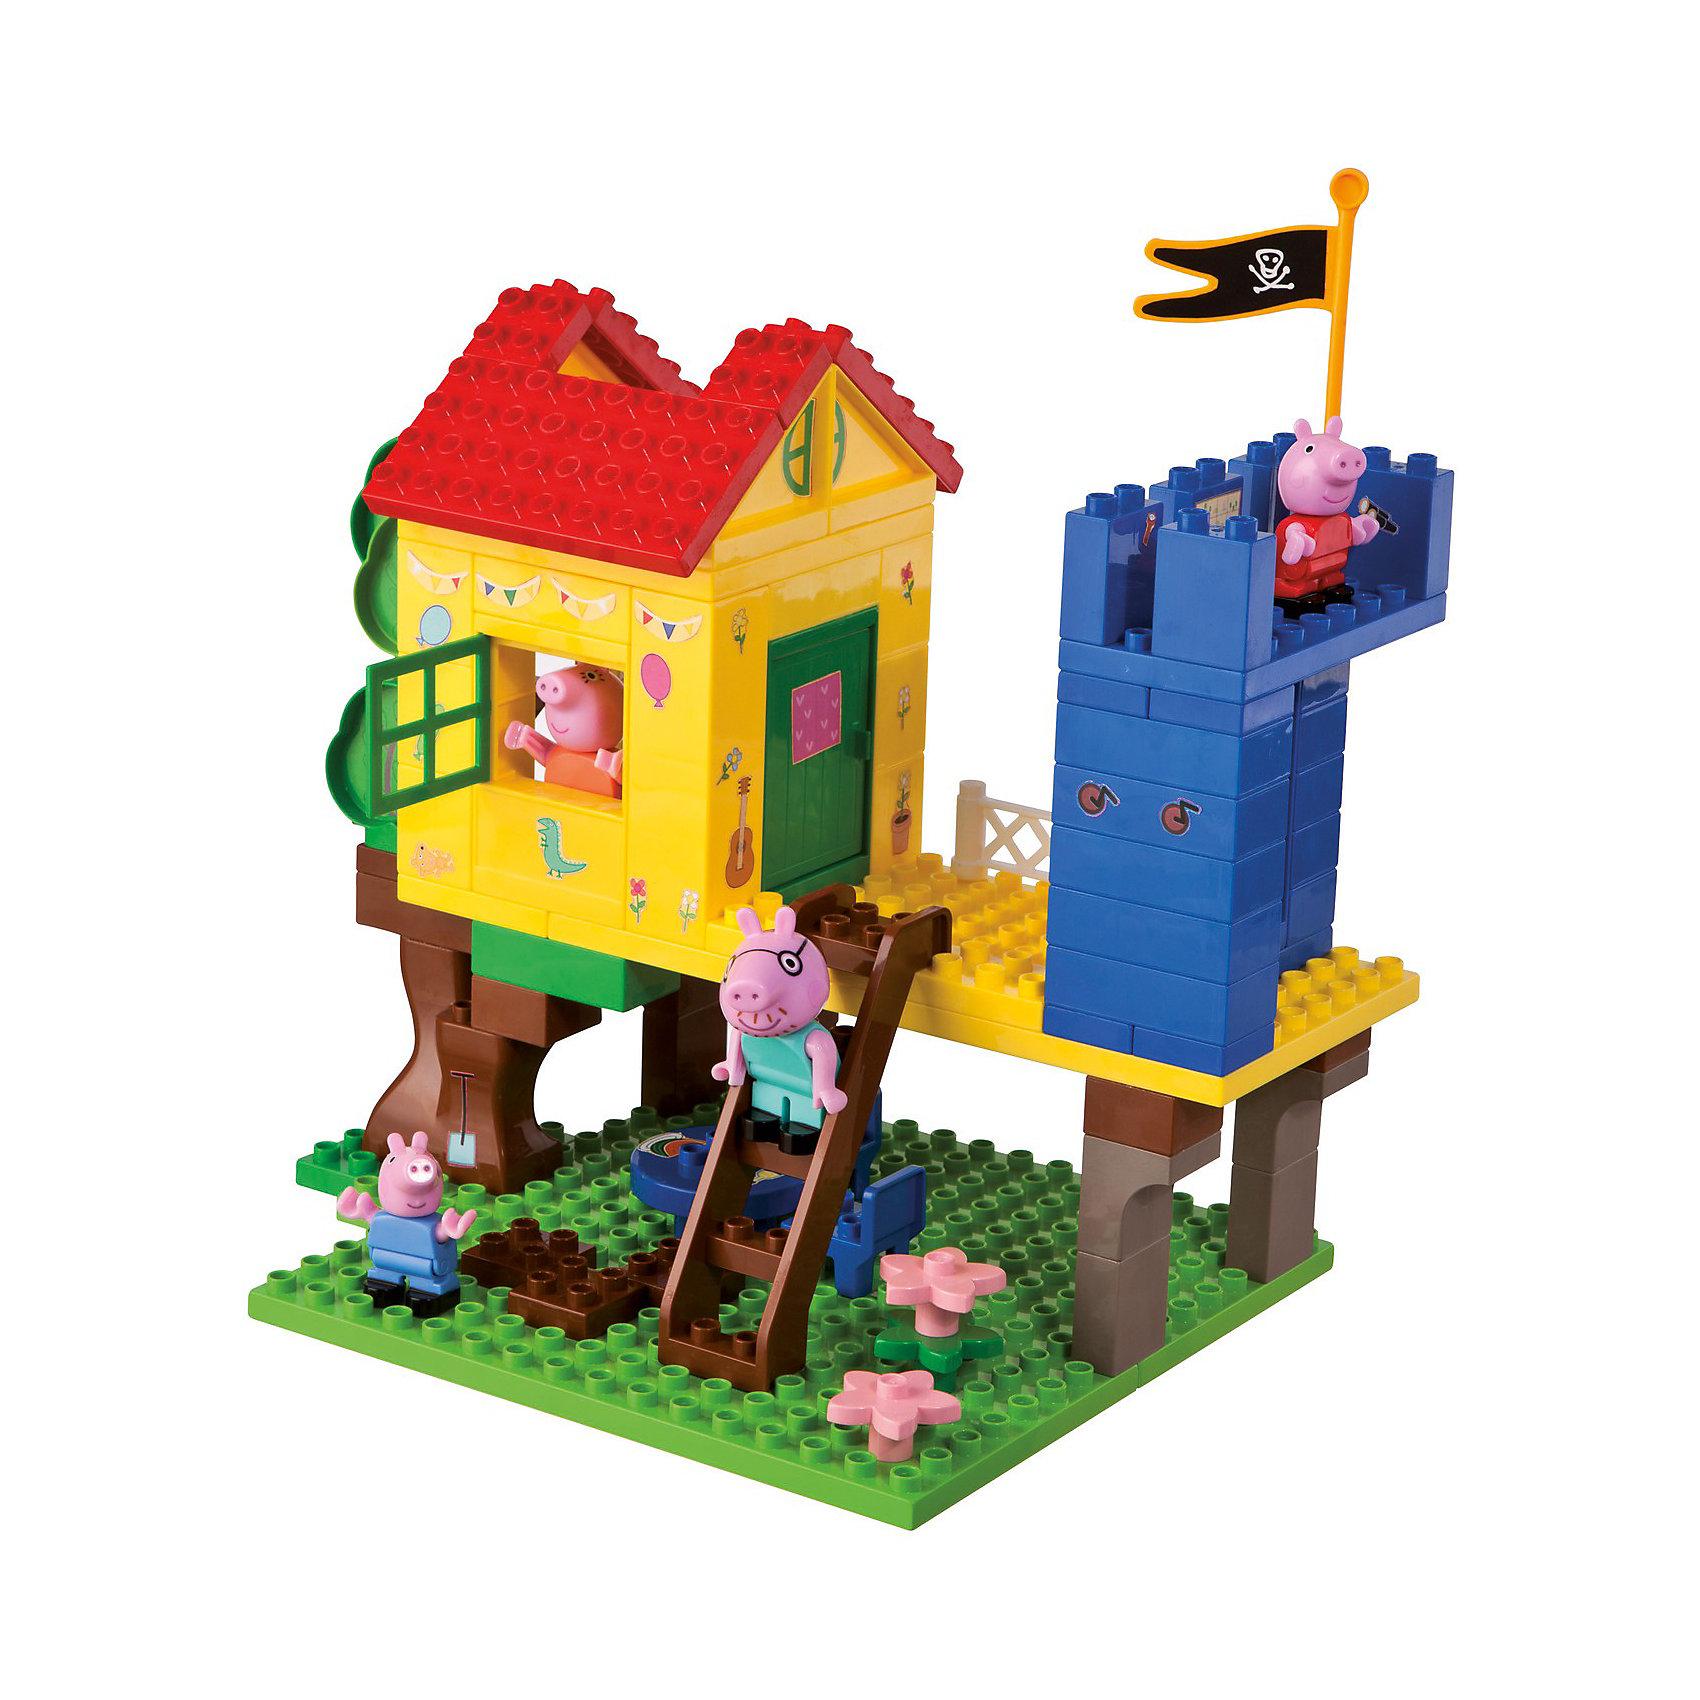 Конструктор Дом на дереве, Свинка Пеппа, 94 деталейКонструкторы для девочек<br>Конструктор Дом на дереве, Свинка Пеппа представляет собой уютный маленький домик на дереве. Маленький домик на дереве - мечта любого ребенка! Построй этот дом вместе с Пеппой и играй с маленькими свинками. Под деревом, в тени дома, имеется прекрасная обеденная площадка со столом и стульями. На втором этаже - сам домик и уютная открытая веранда, на которой располагается часть настоящего замка с пиратским флагом. Детали конструктора имеют размер, идеально подходящий для маленьких детских ручек. Изготовлены из высококачественного пластика, не имеют острых углов, безопасны для ребенка. Благодаря хорошо проработанным креплениям, конструктор легко собирается и разбирается, детали быстро и прочно крепятся друг к другу. Игра с конструктором развивает  творческие способности, мелкую моторику, навыки конструирования, внимание.<br><br>Дополнительная информация:<br><br>- Комплектация: дом, фигурки свинок ( 4 шт.), панель, на которую крепятся детали, стена замка, домик, дерево, стол, стулья, предметы интерьера и декора.<br>- Количество деталей: 94 шт.<br>- Материал: пластик<br>- Размеры коробки: 55.5 x 33 x 9.7 см.<br>- Детали совместимы с Lego Duplo<br><br><br>Конструктор Дом на дереве, Свинка Пеппа (Peppa Pig) можно купить в нашем магазине.<br><br>Ширина мм: 560<br>Глубина мм: 332<br>Высота мм: 109<br>Вес г: 1683<br>Возраст от месяцев: 18<br>Возраст до месяцев: 36<br>Пол: Унисекс<br>Возраст: Детский<br>SKU: 3787589